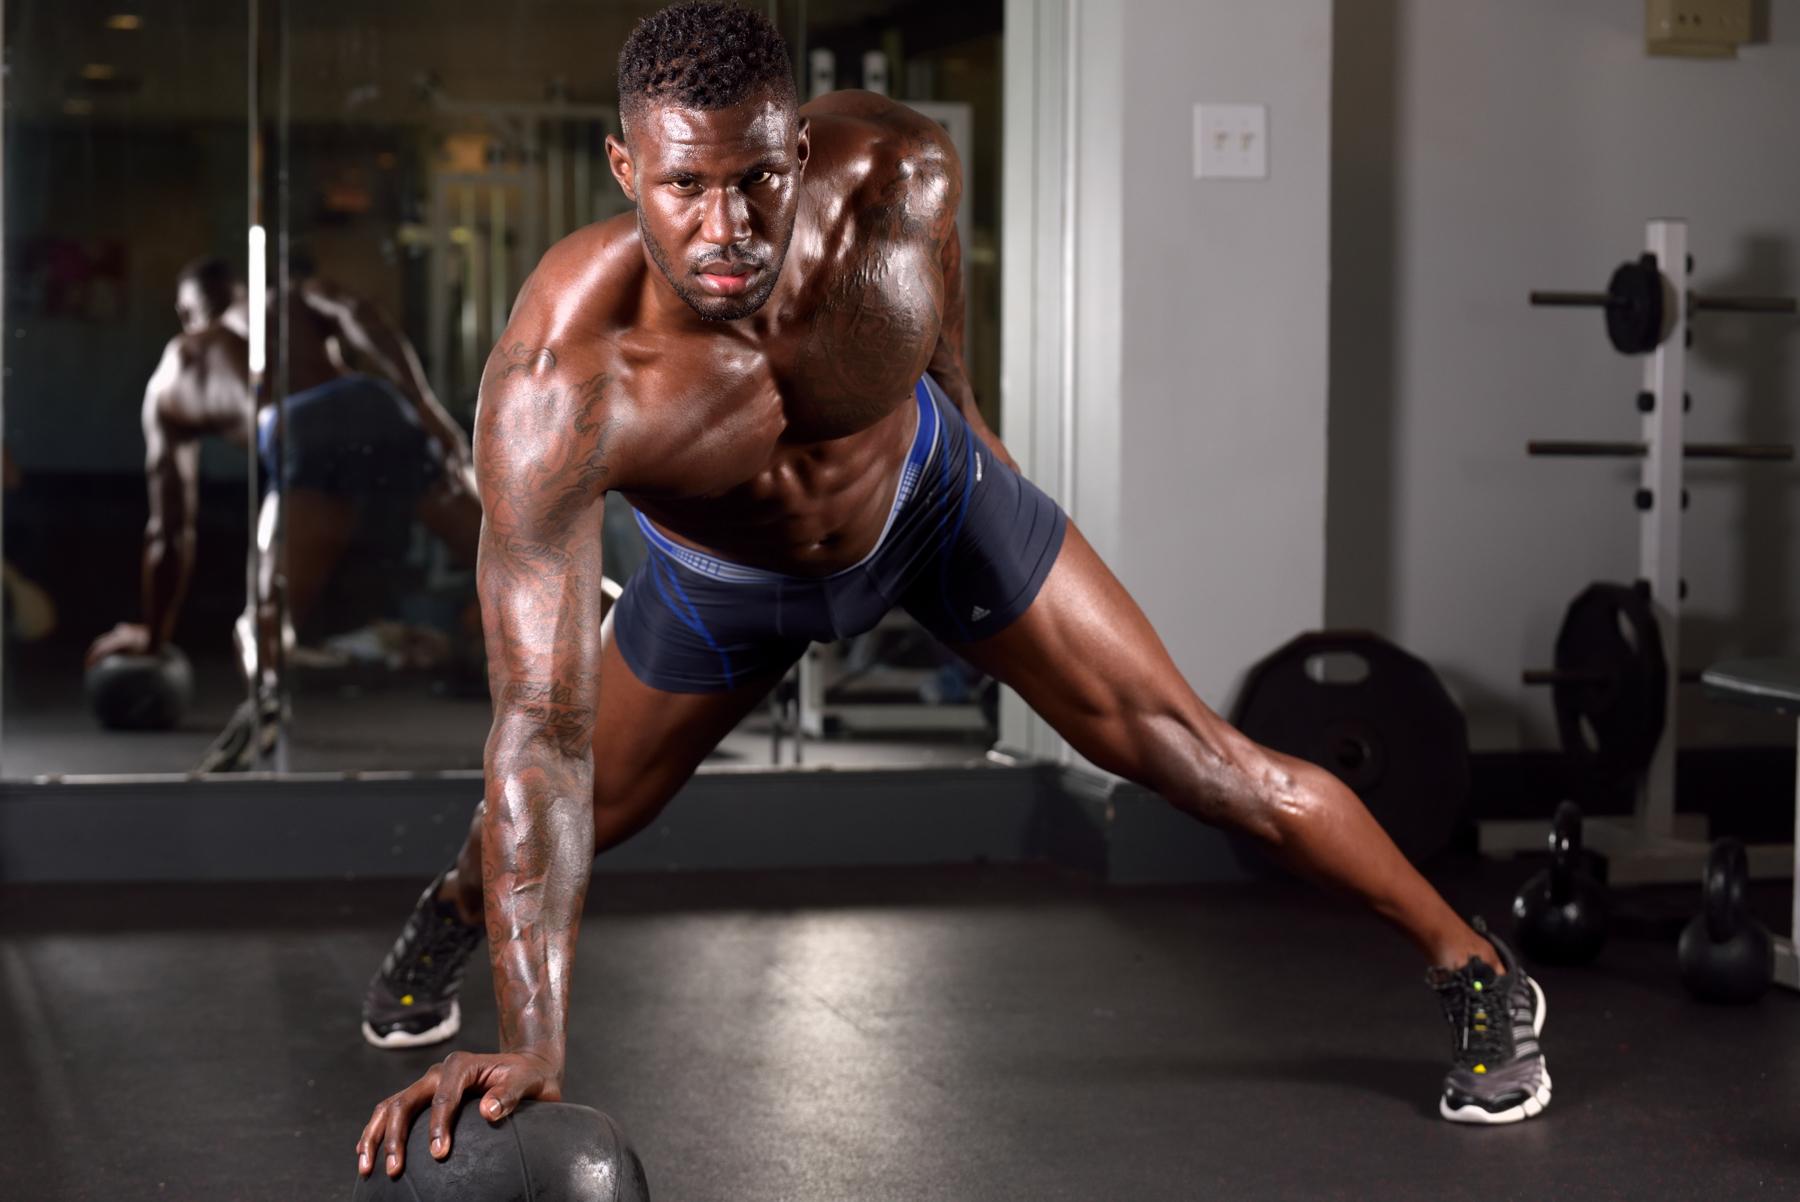 fitness model.jpg